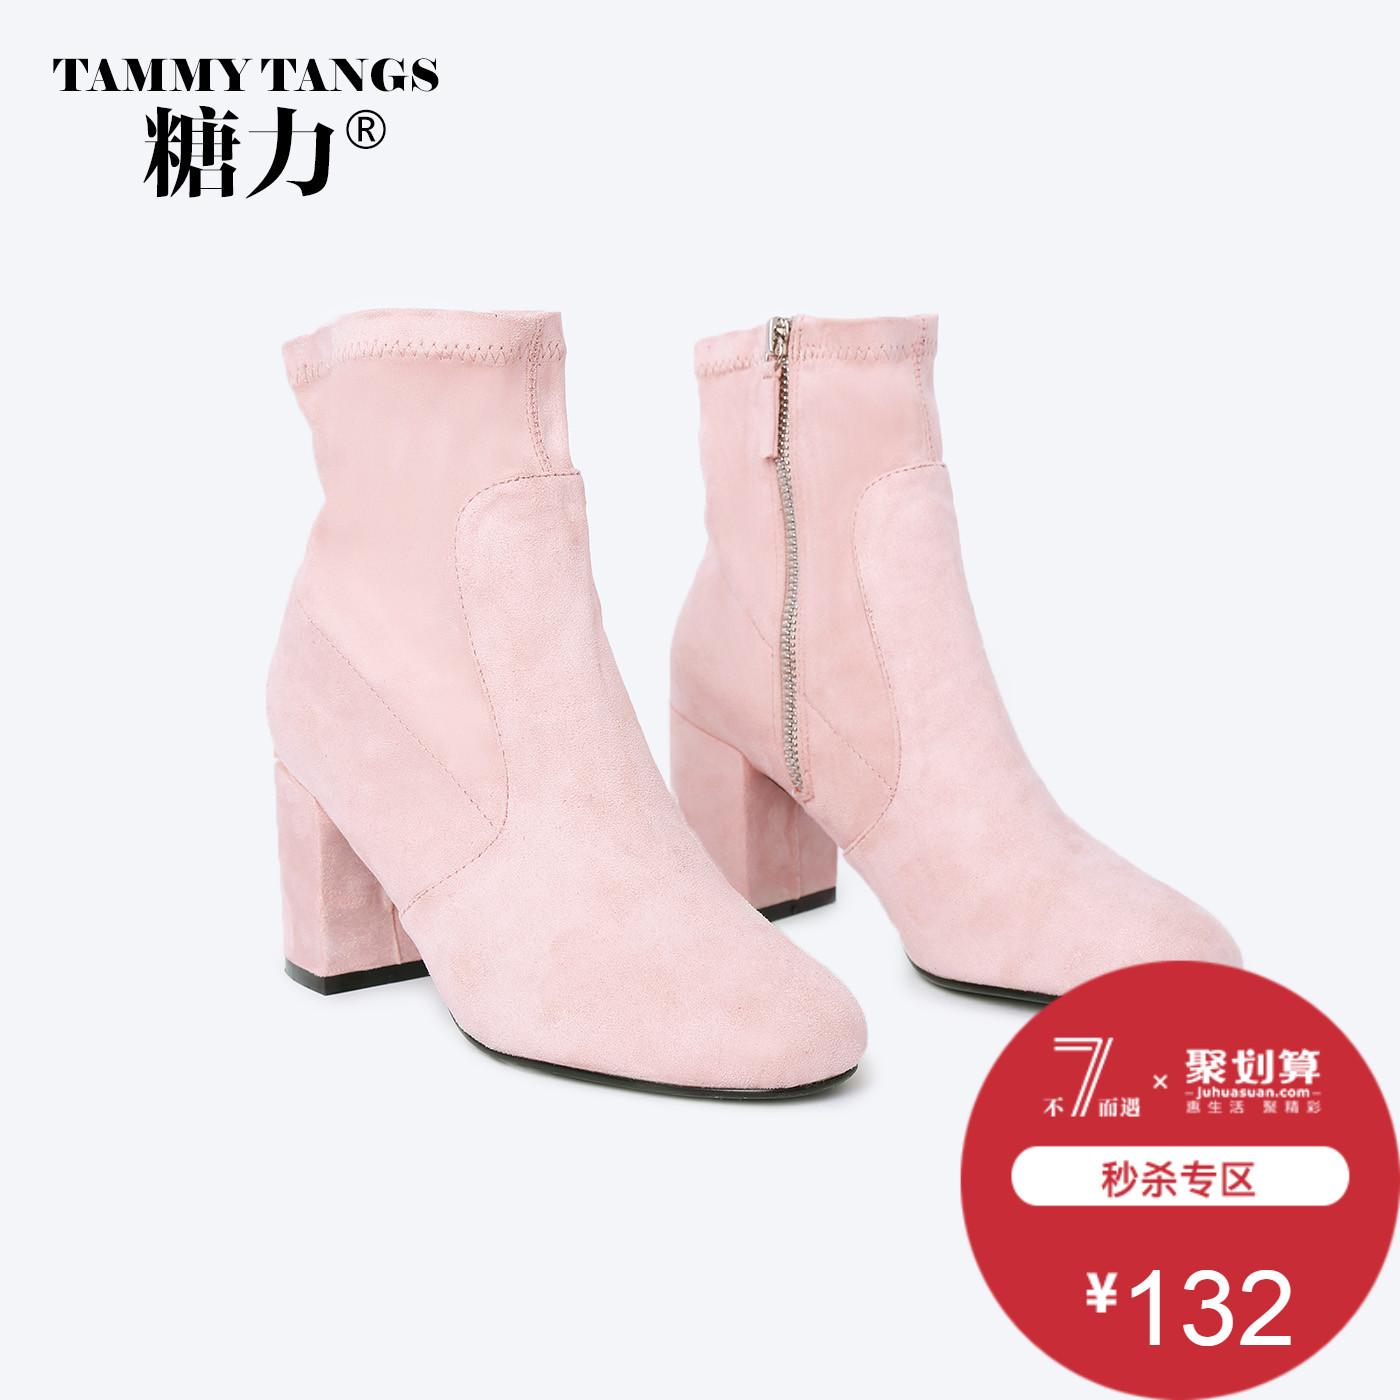 糖力 冬季新款粉色欧美时尚女靴子侧边拉链粗跟中跟绒面中筒靴